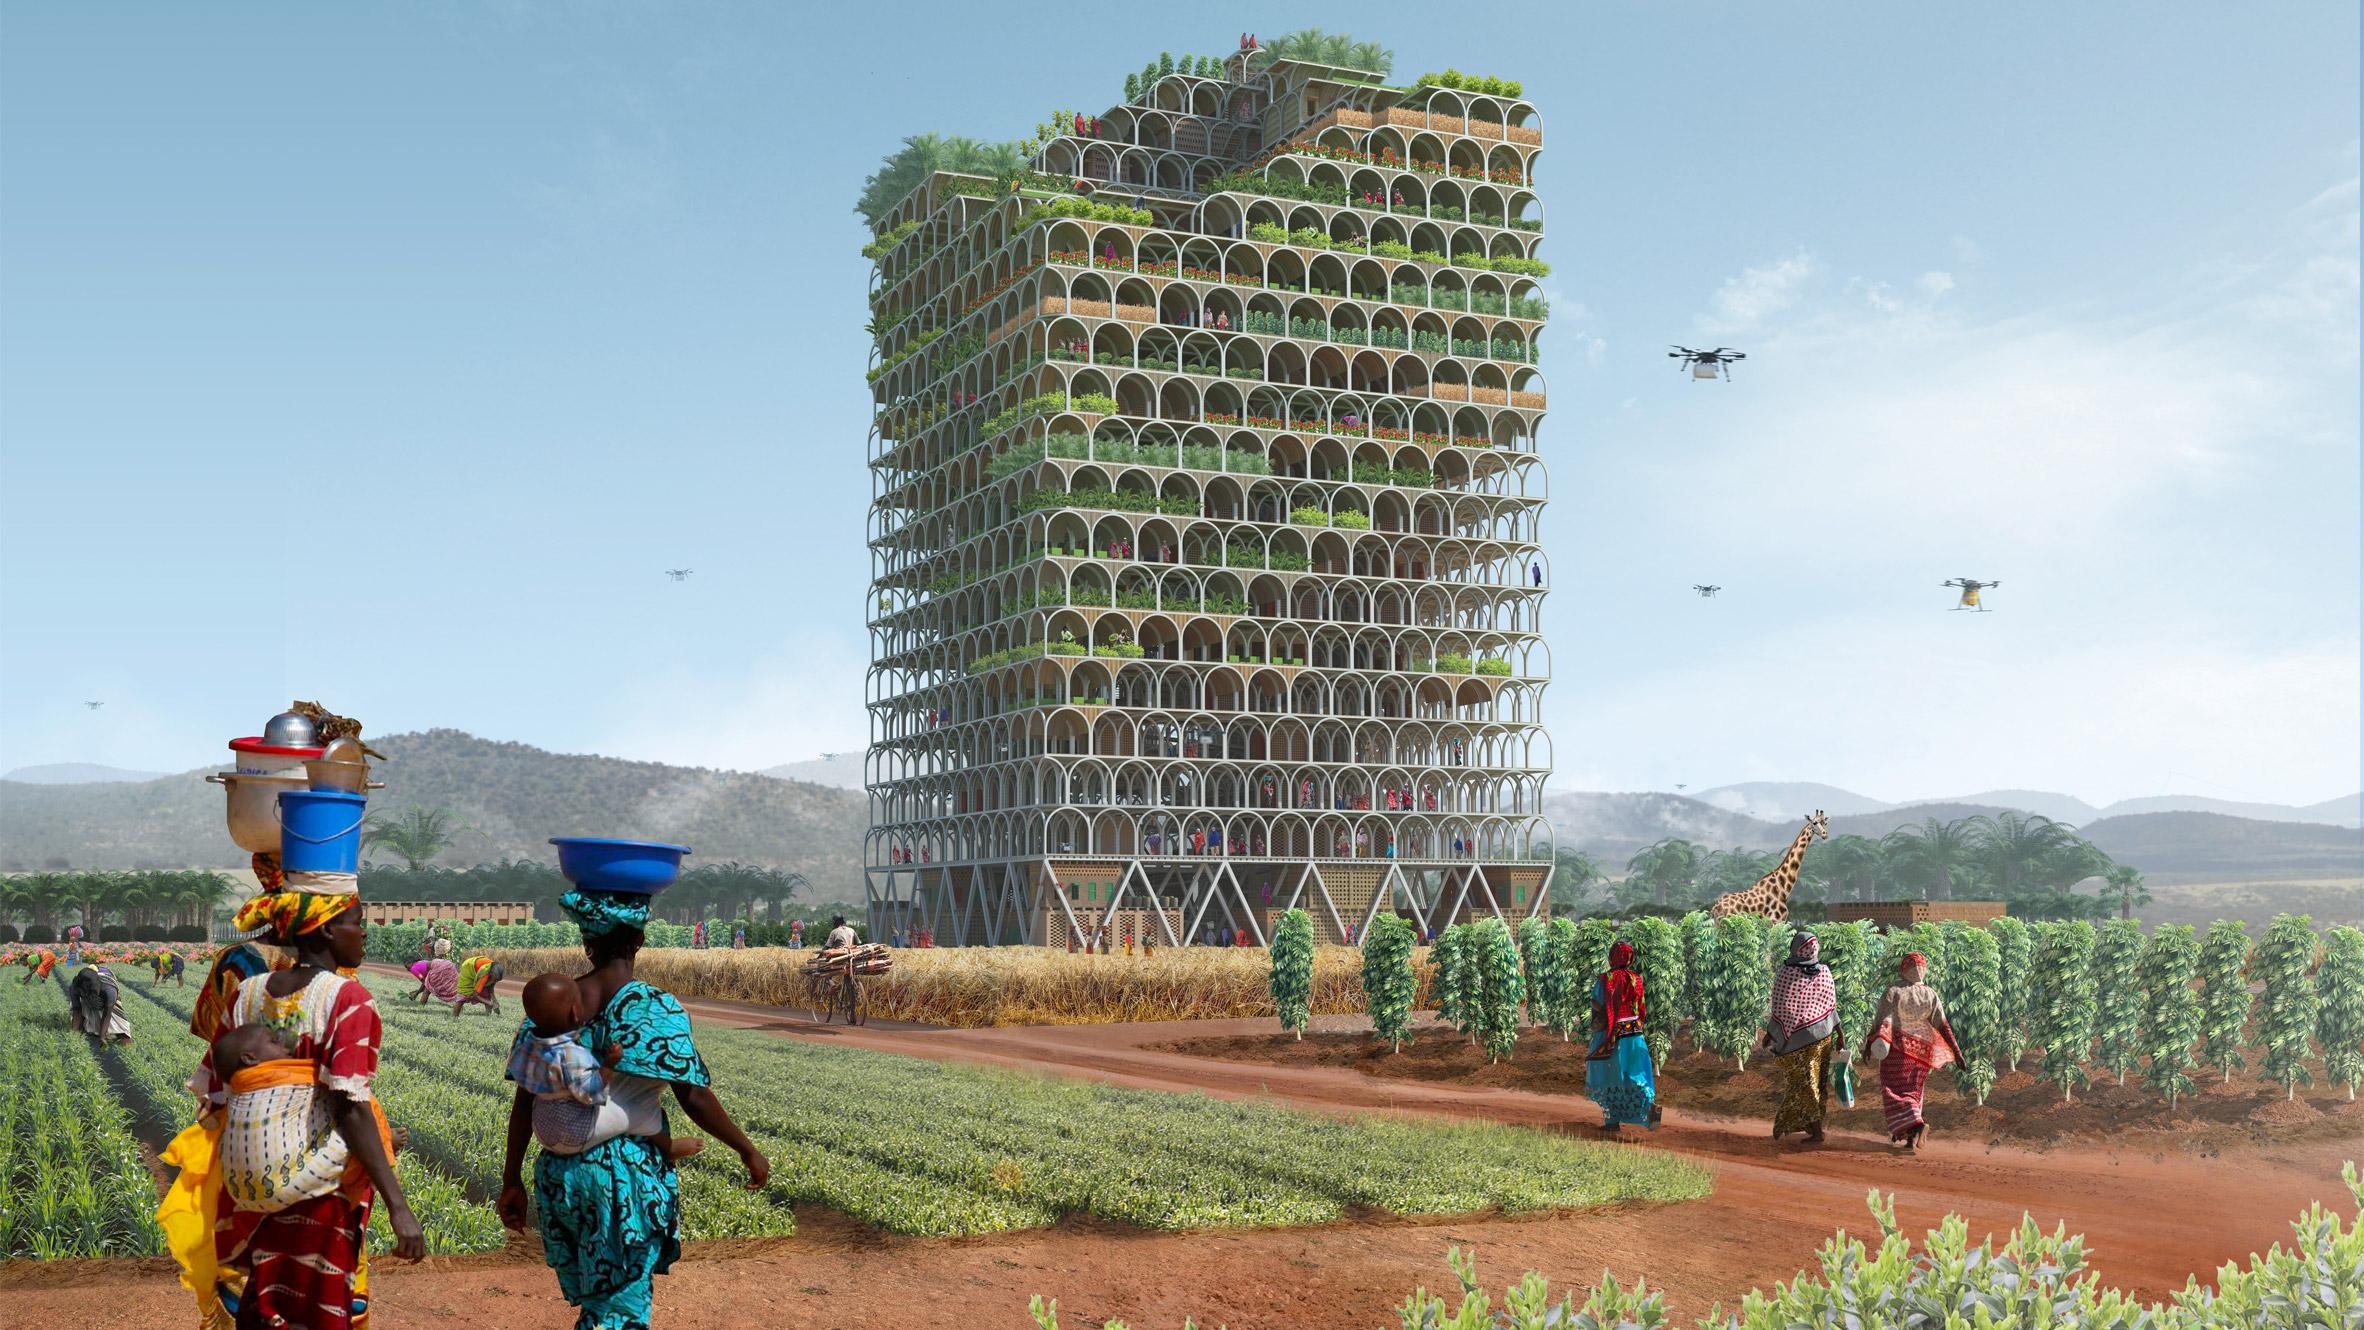 The Mashambas Skyscraper , by Pawel Lipinski and Mateusz Frankowski